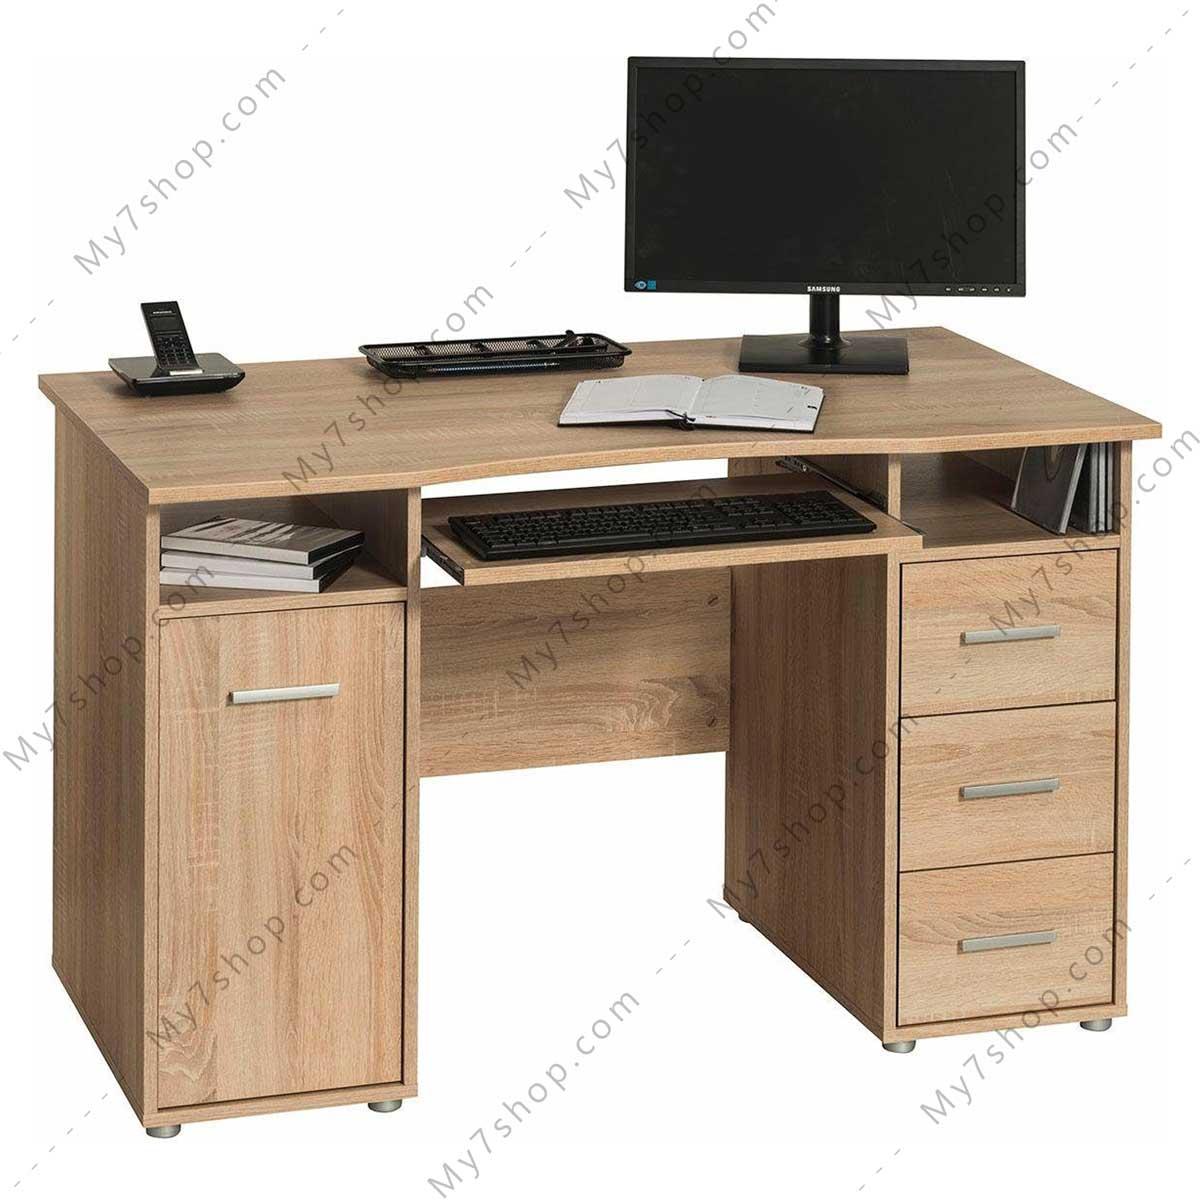 میز کامپیوتر 7515